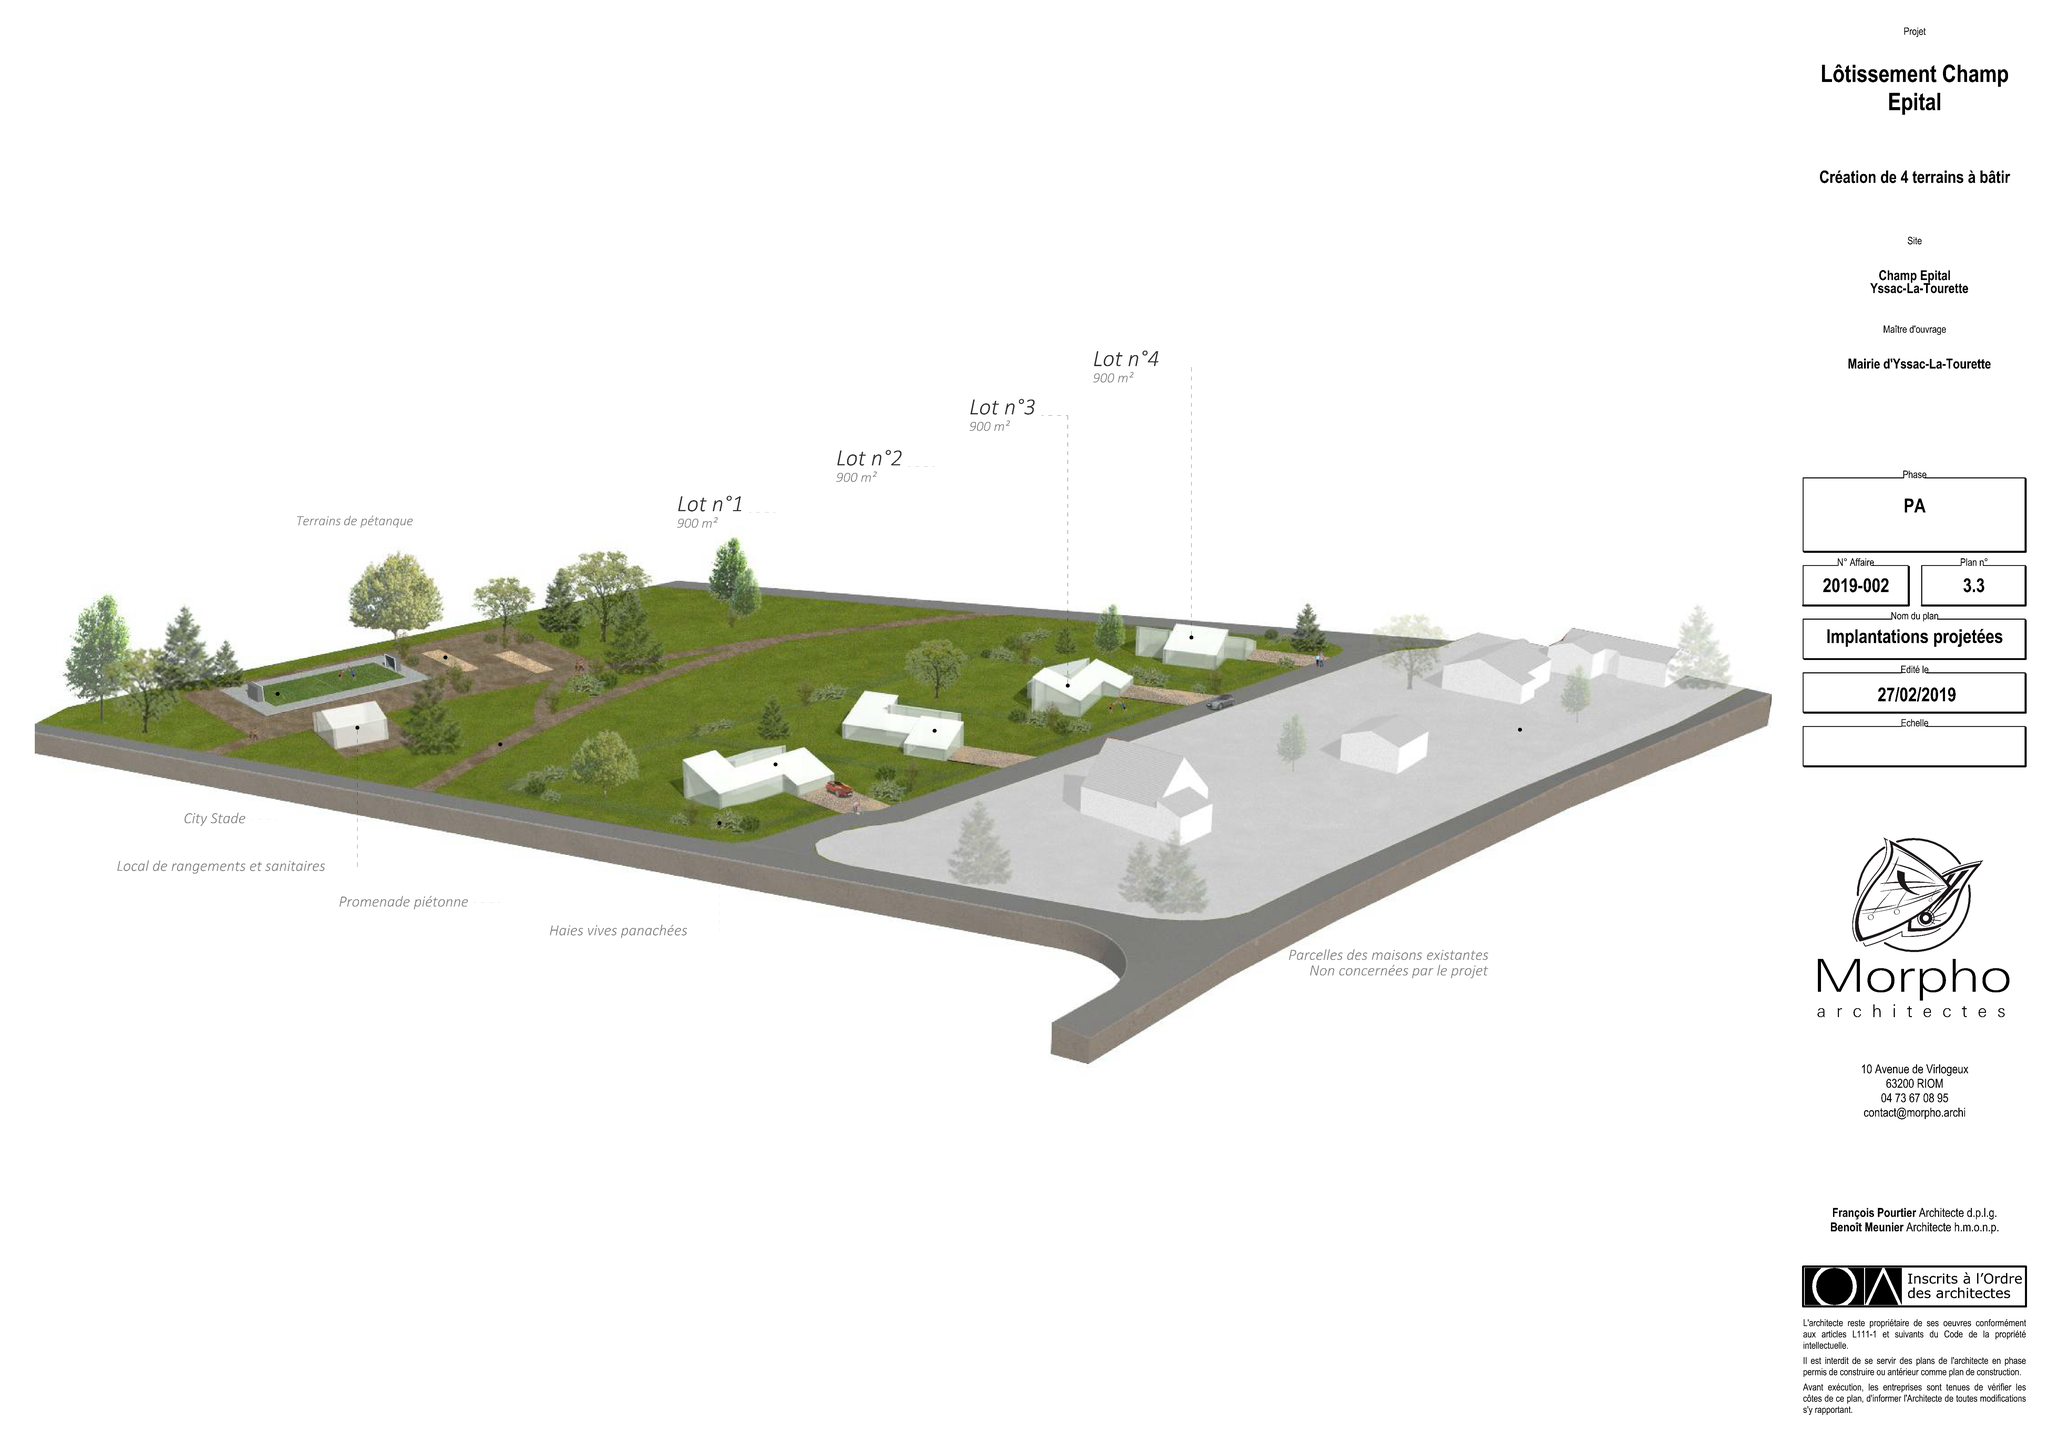 Projet d'aménagement du lotissement & parc